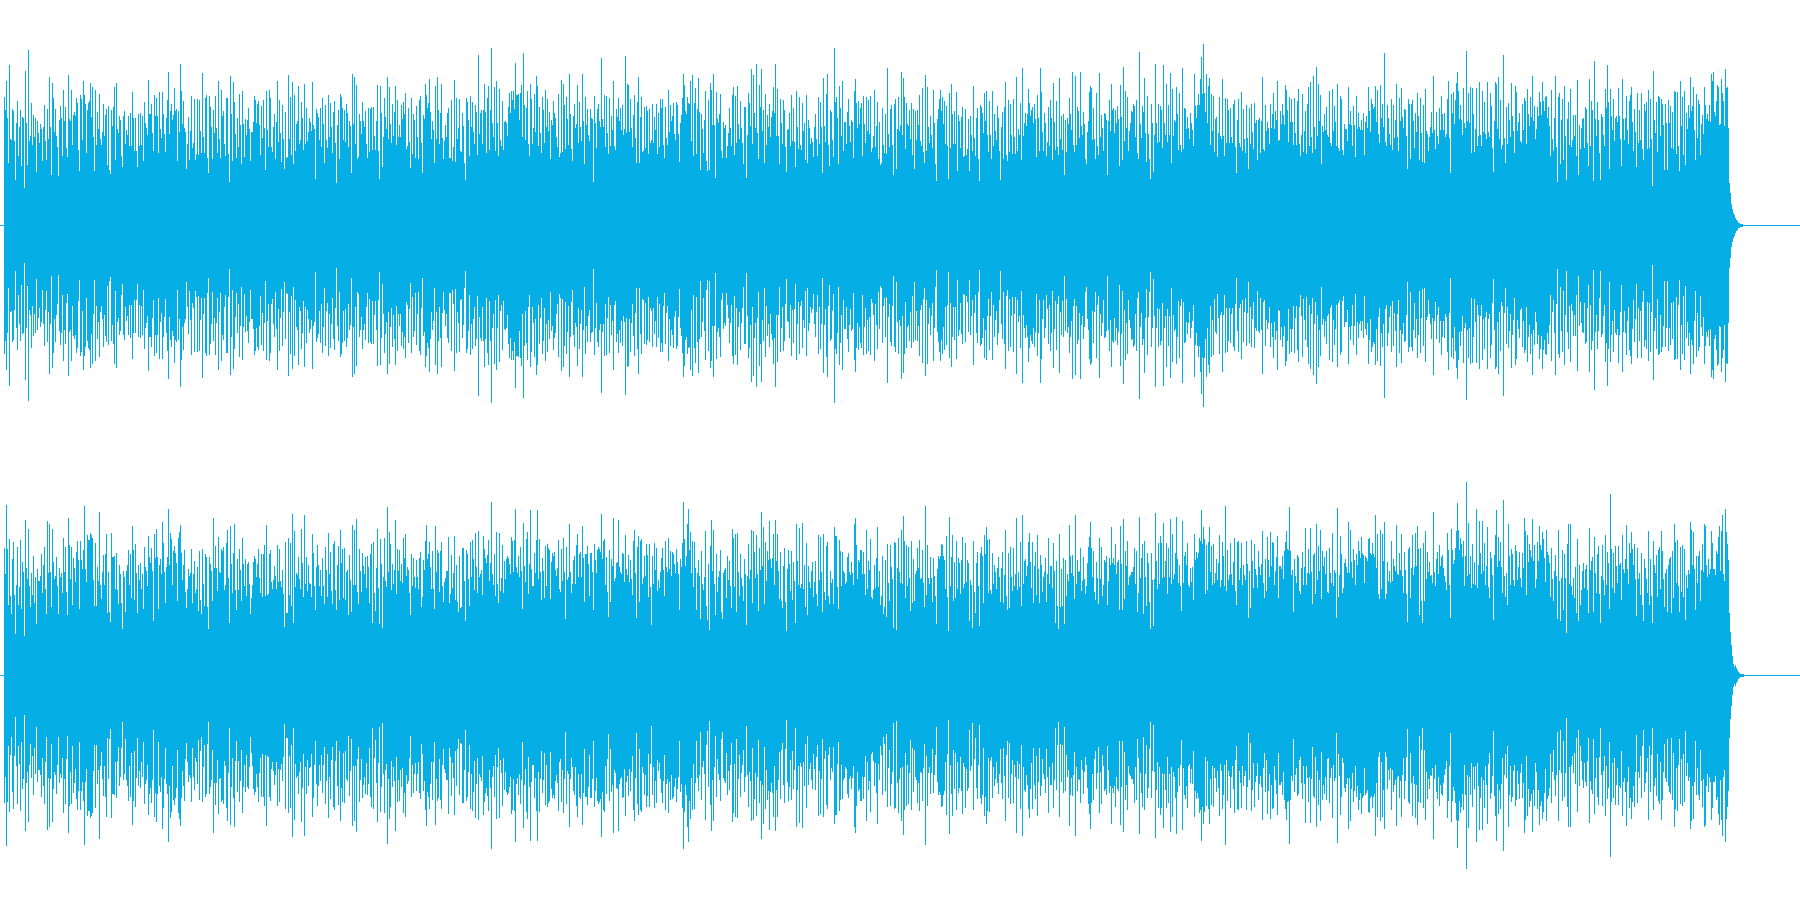 迷いもふっ切れる タイトなポップスの再生済みの波形